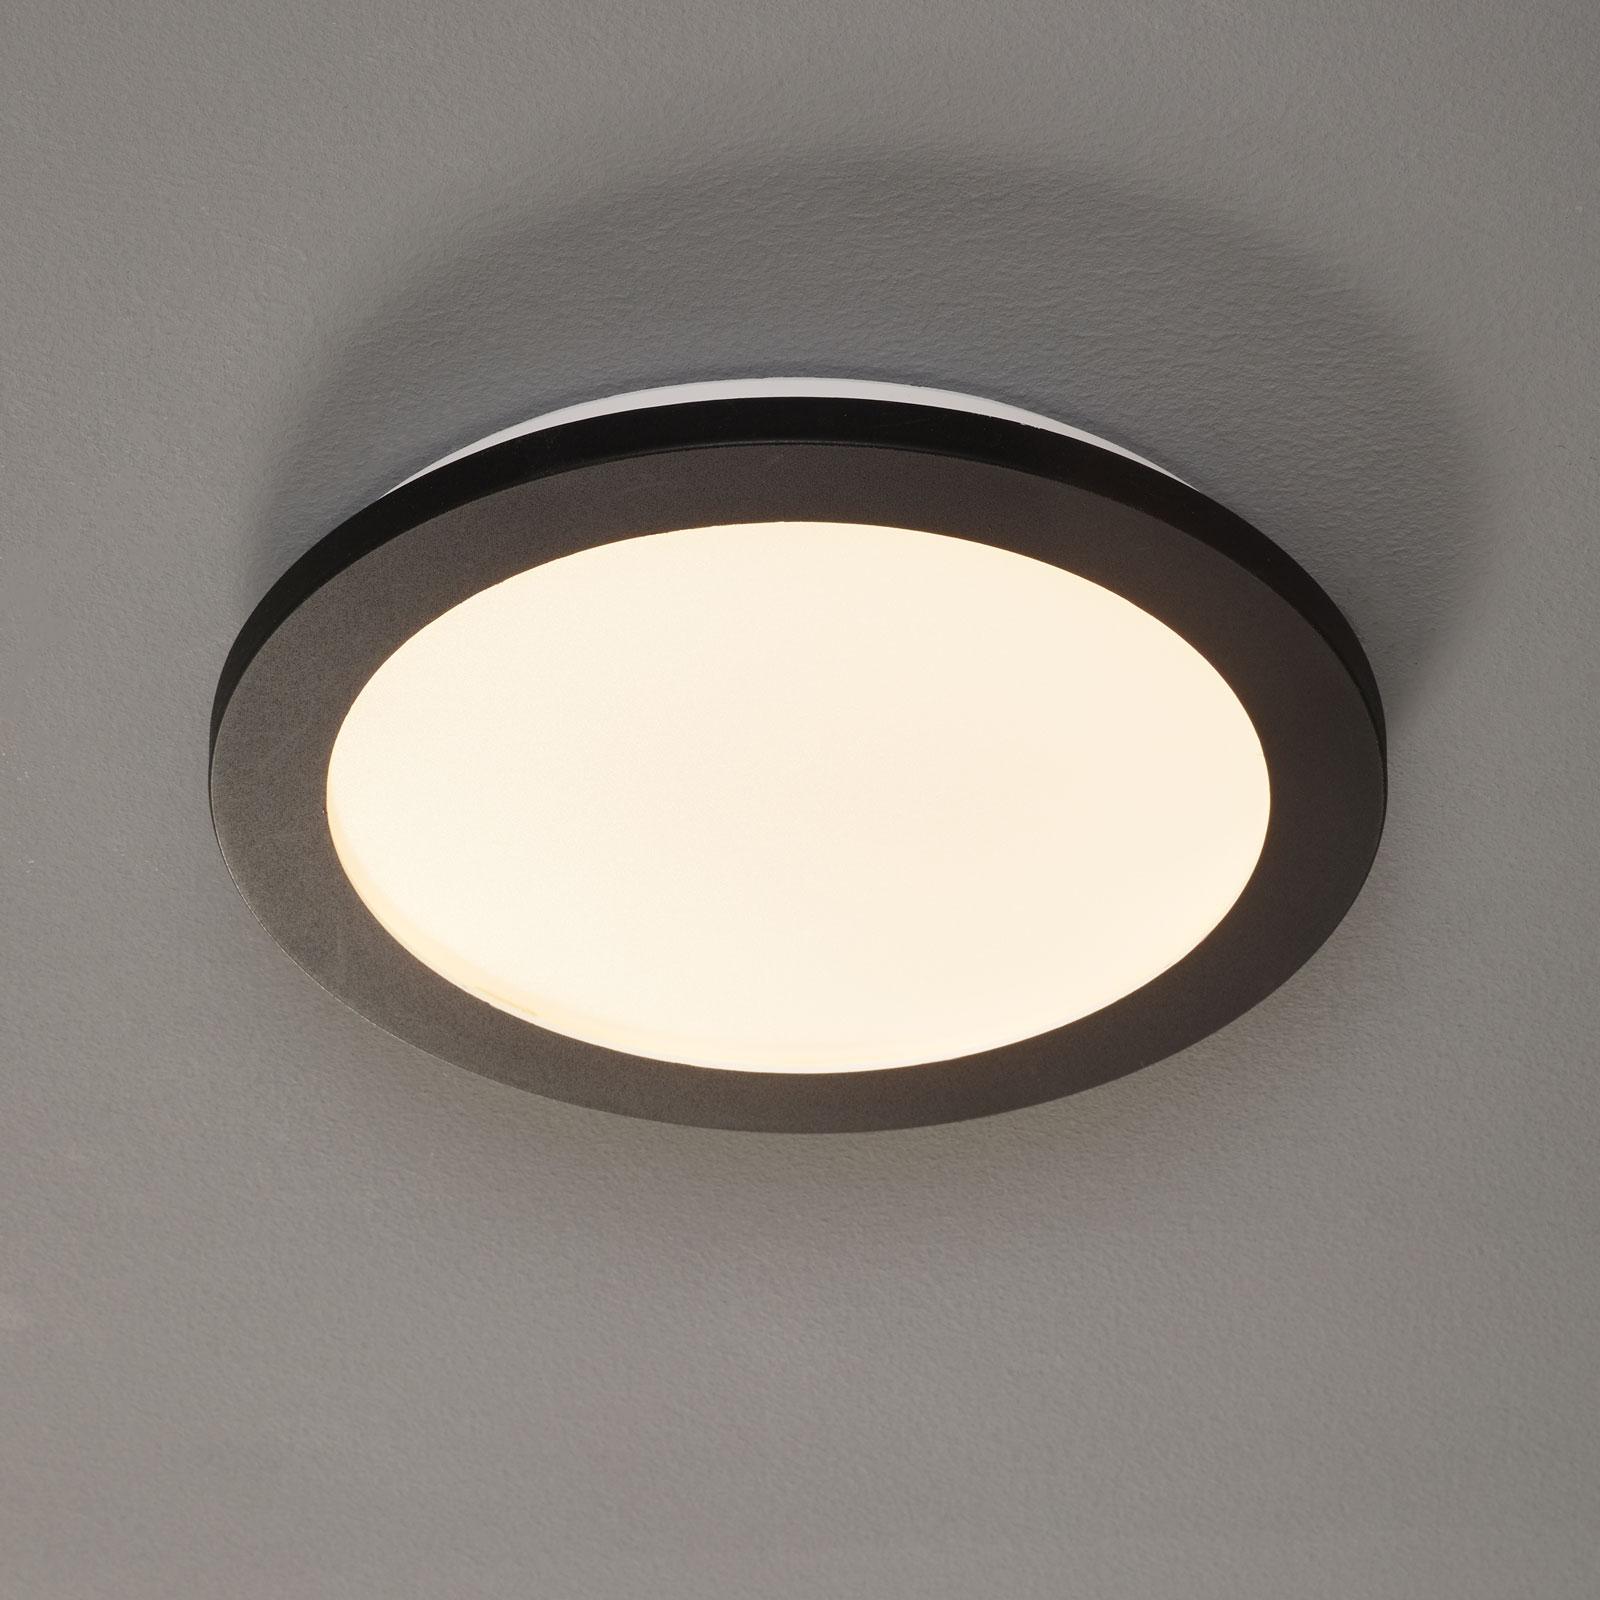 LED-Deckenleuchte Camillus, rund, Ø 26 cm